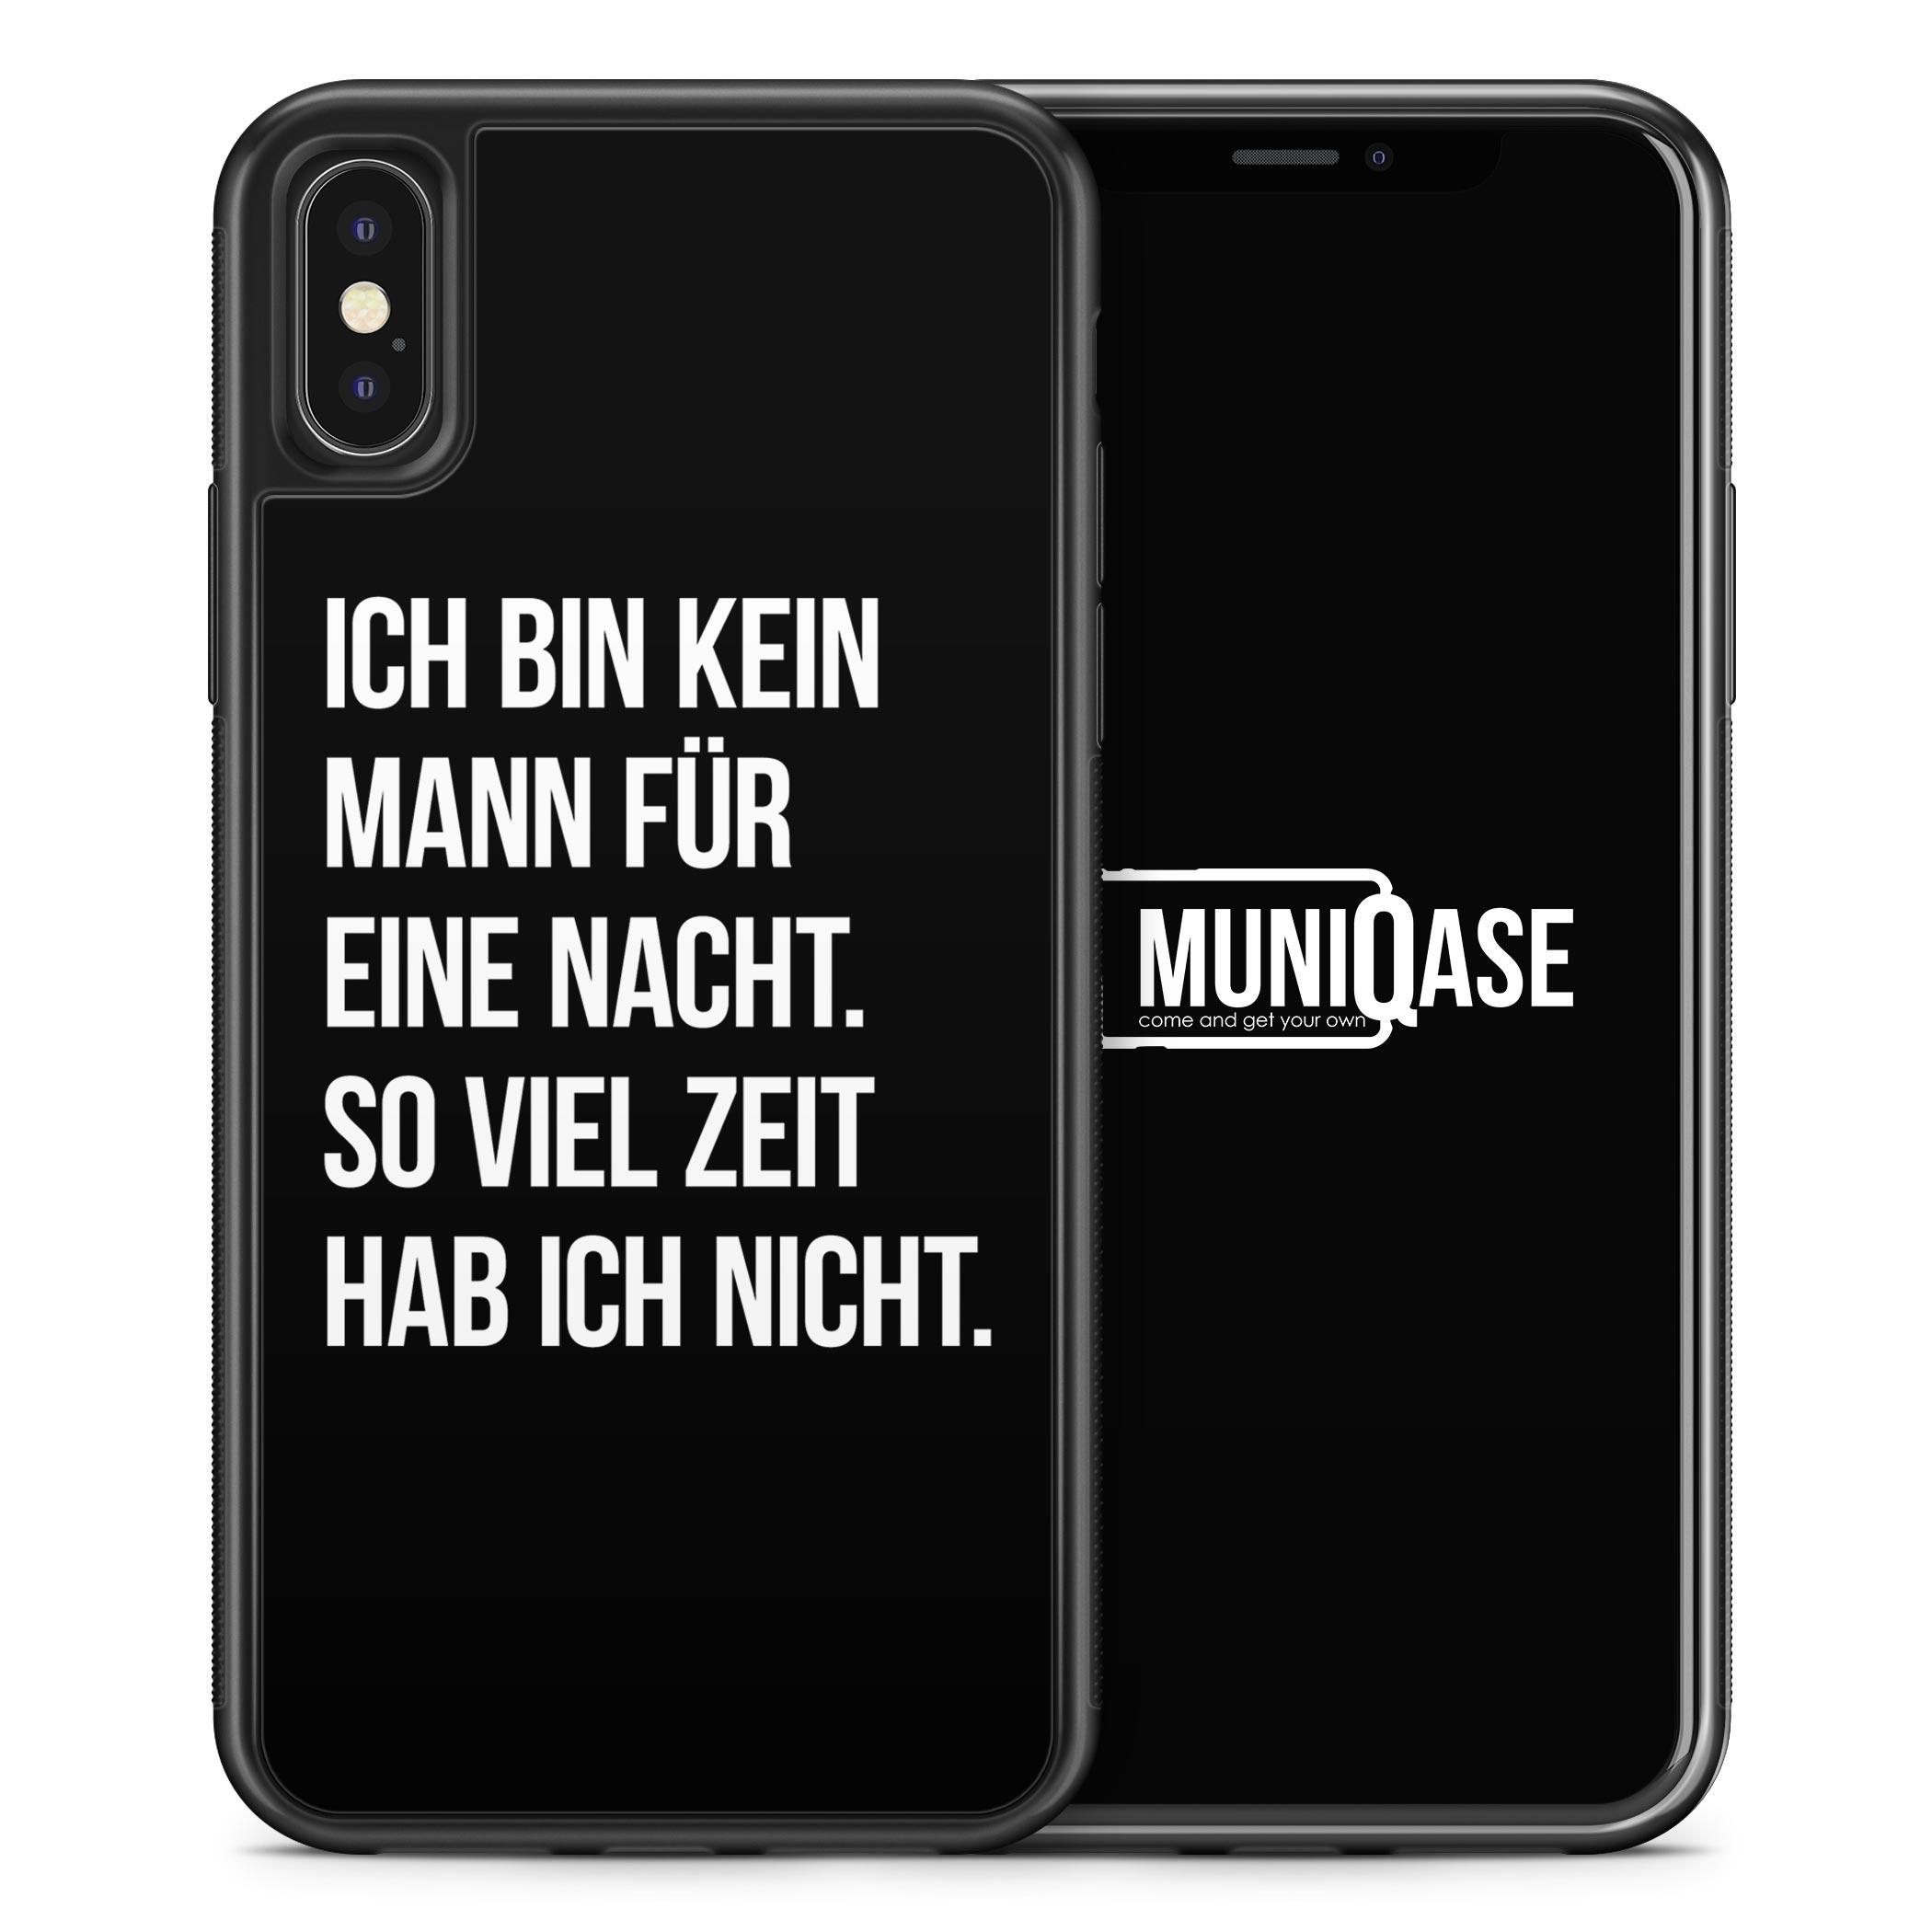 iPhone X Hülle SILIKON - Ich bin kein Mann für eine Nacht